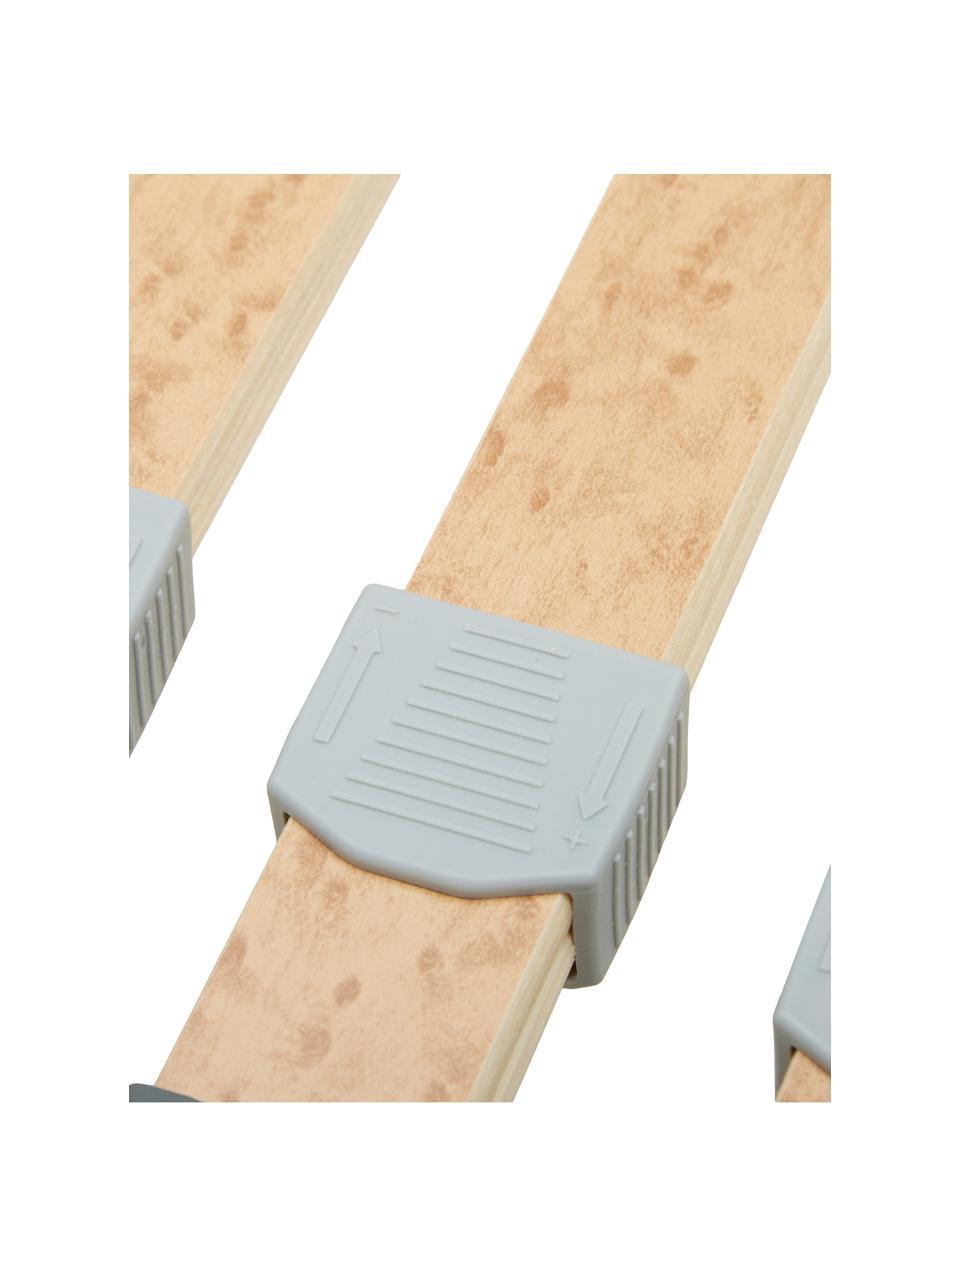 Telaio  a doghe Comfort Plus, Struttura: compensato, metallo, Cinturino centrale: fibra sintetica, Cappucci: materiale sintetico, Marrone chiaro, 80 x 200 cm